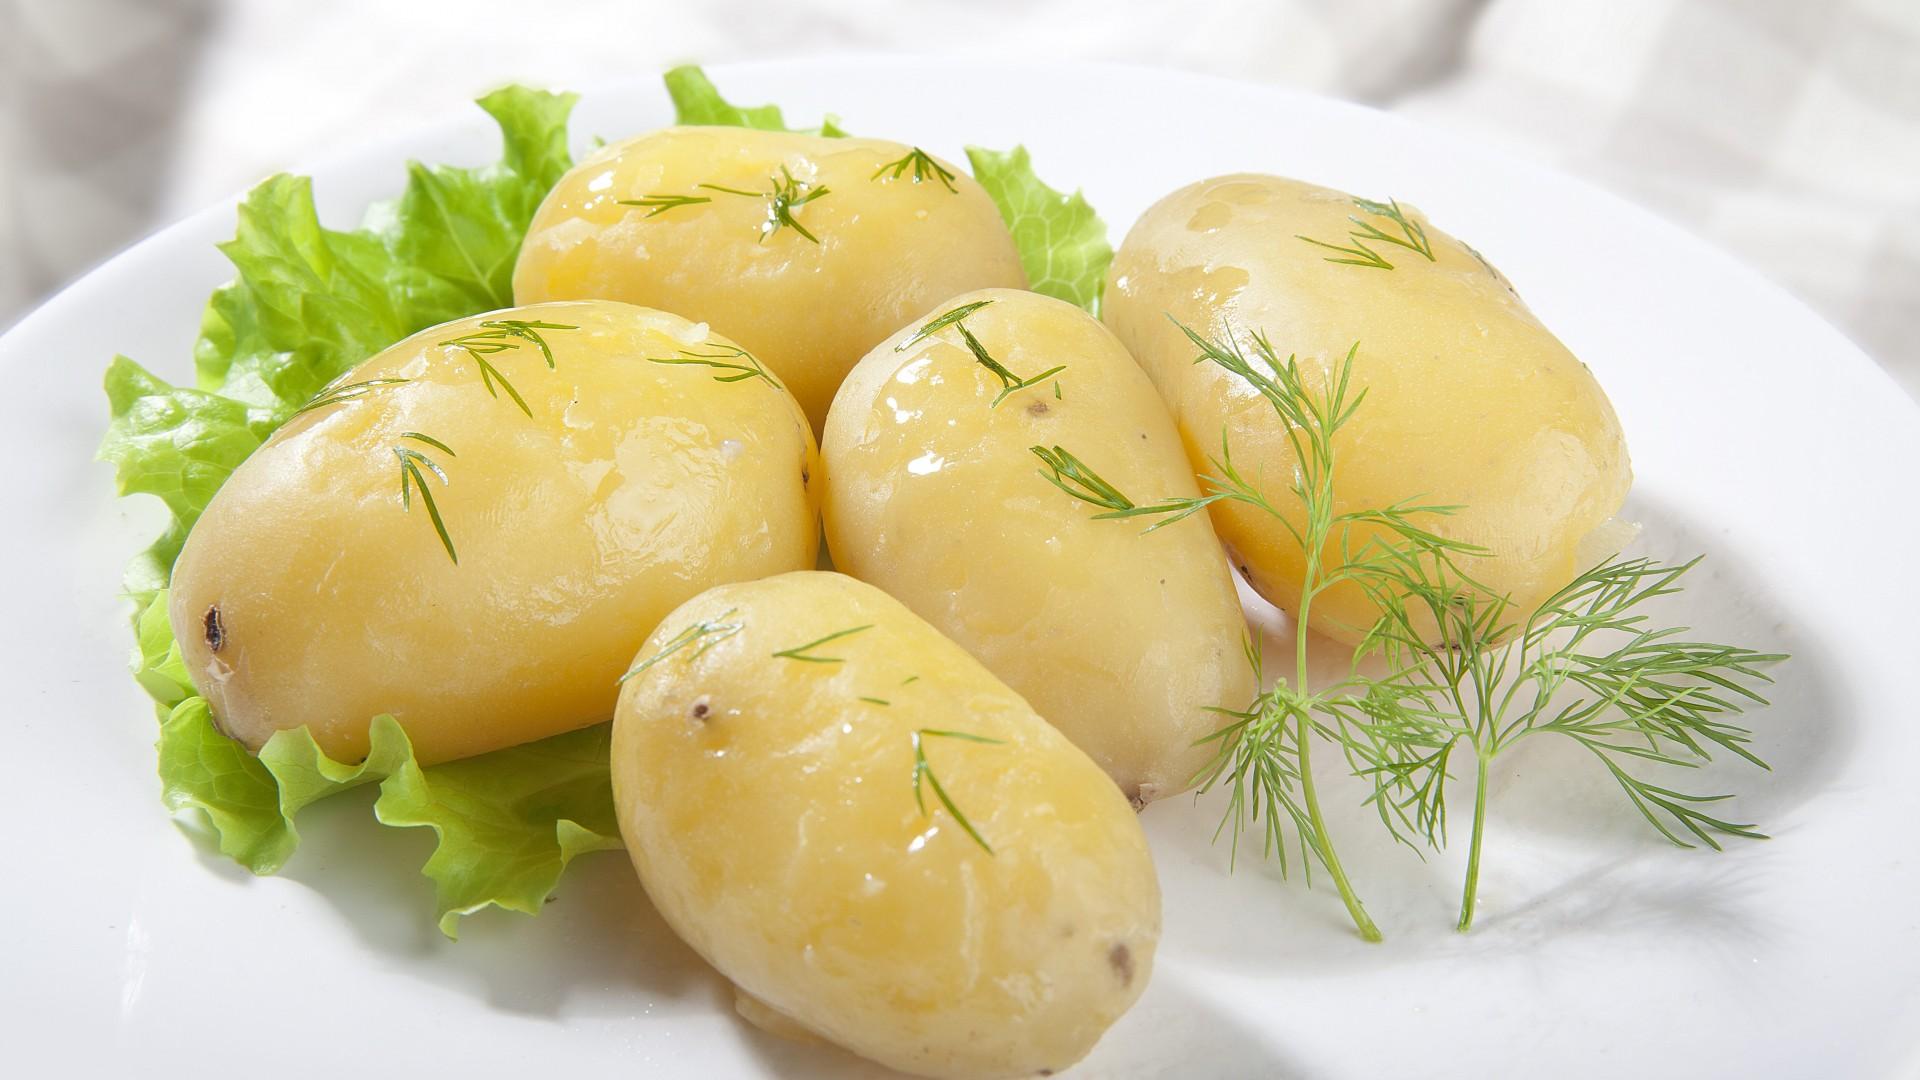 картофельная-кефирная диета помогает за 3 дня избавиться от 5 кг